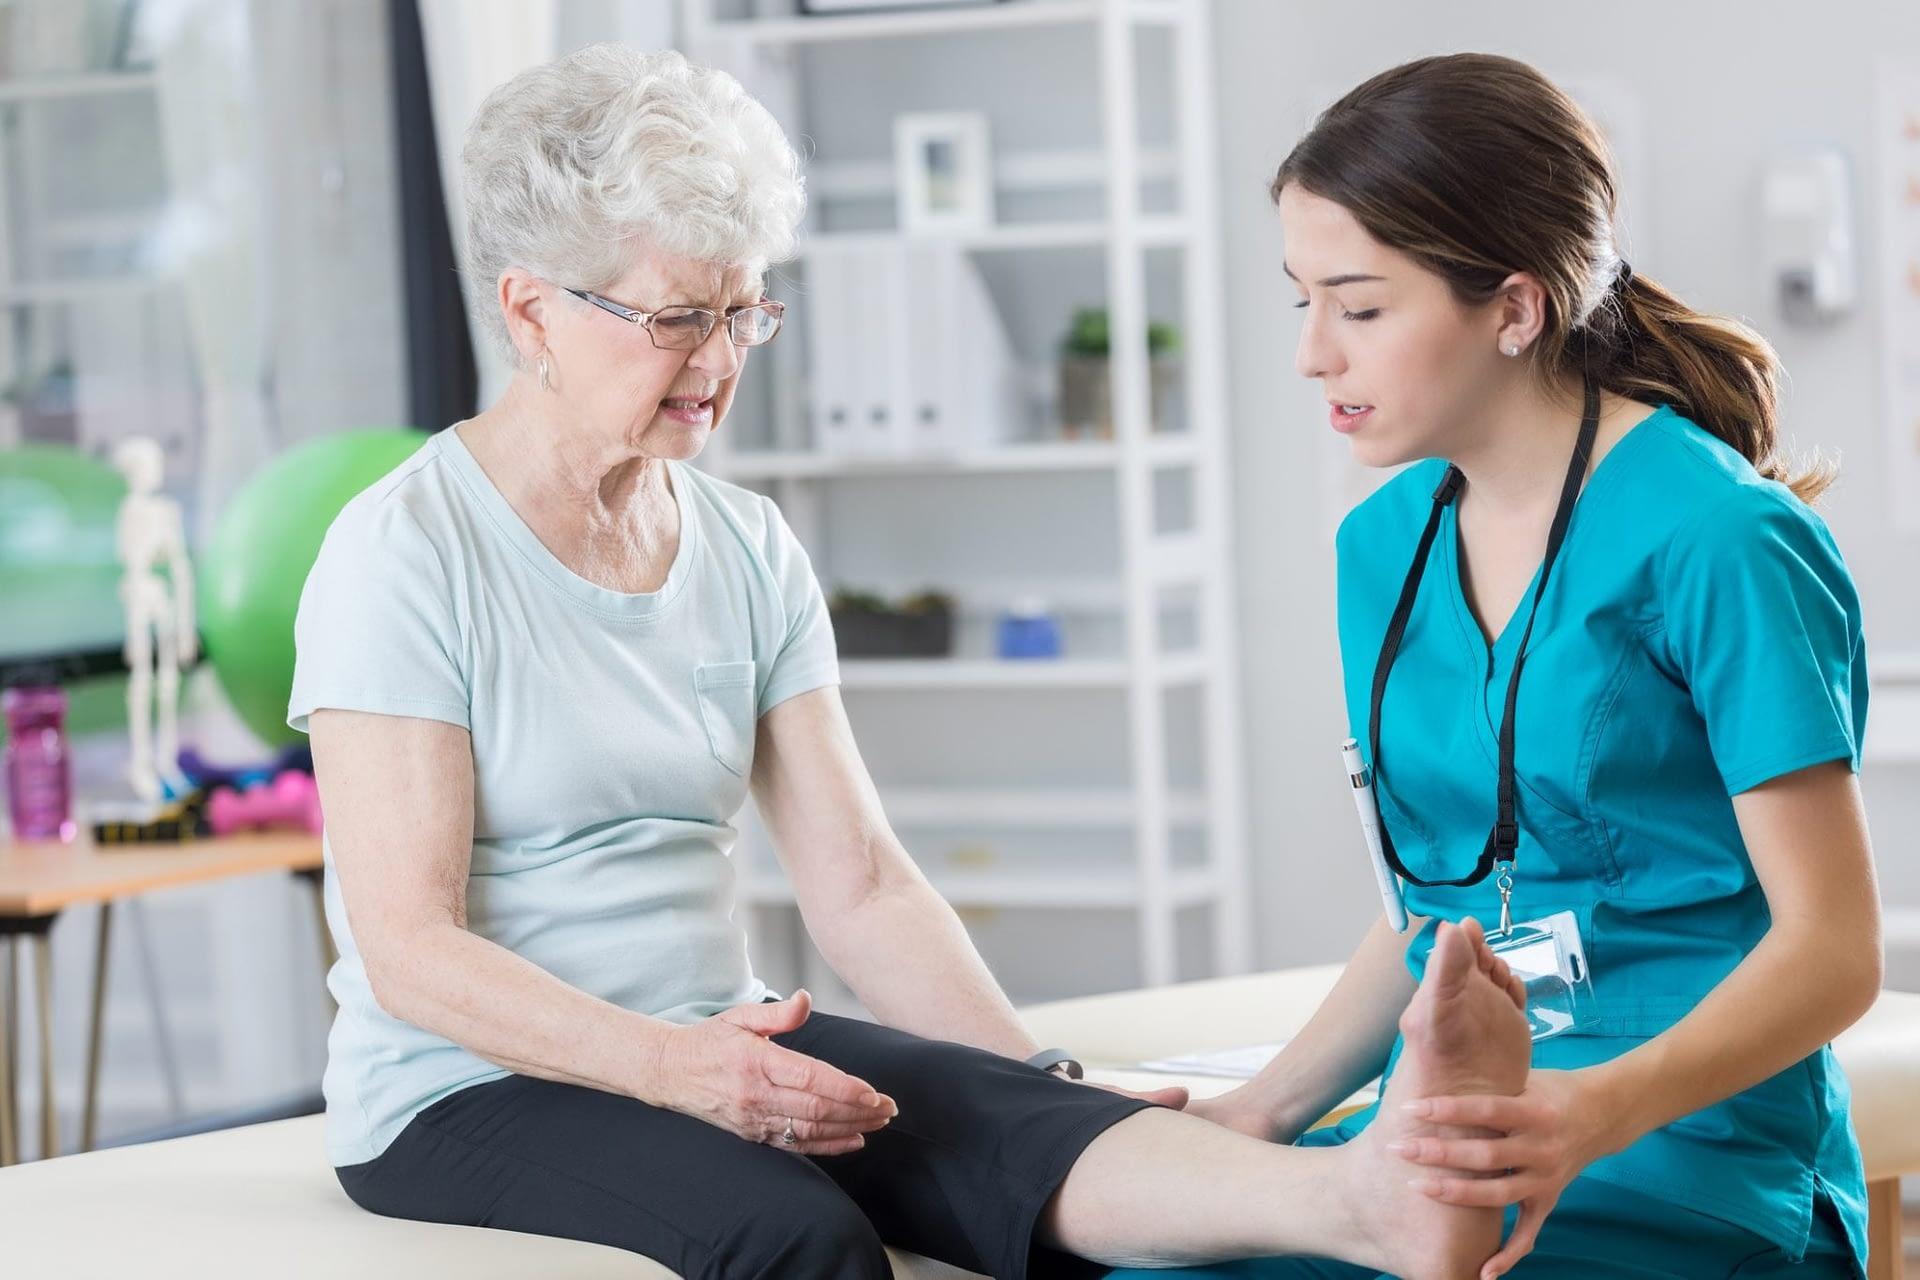 doctor examines patient leg